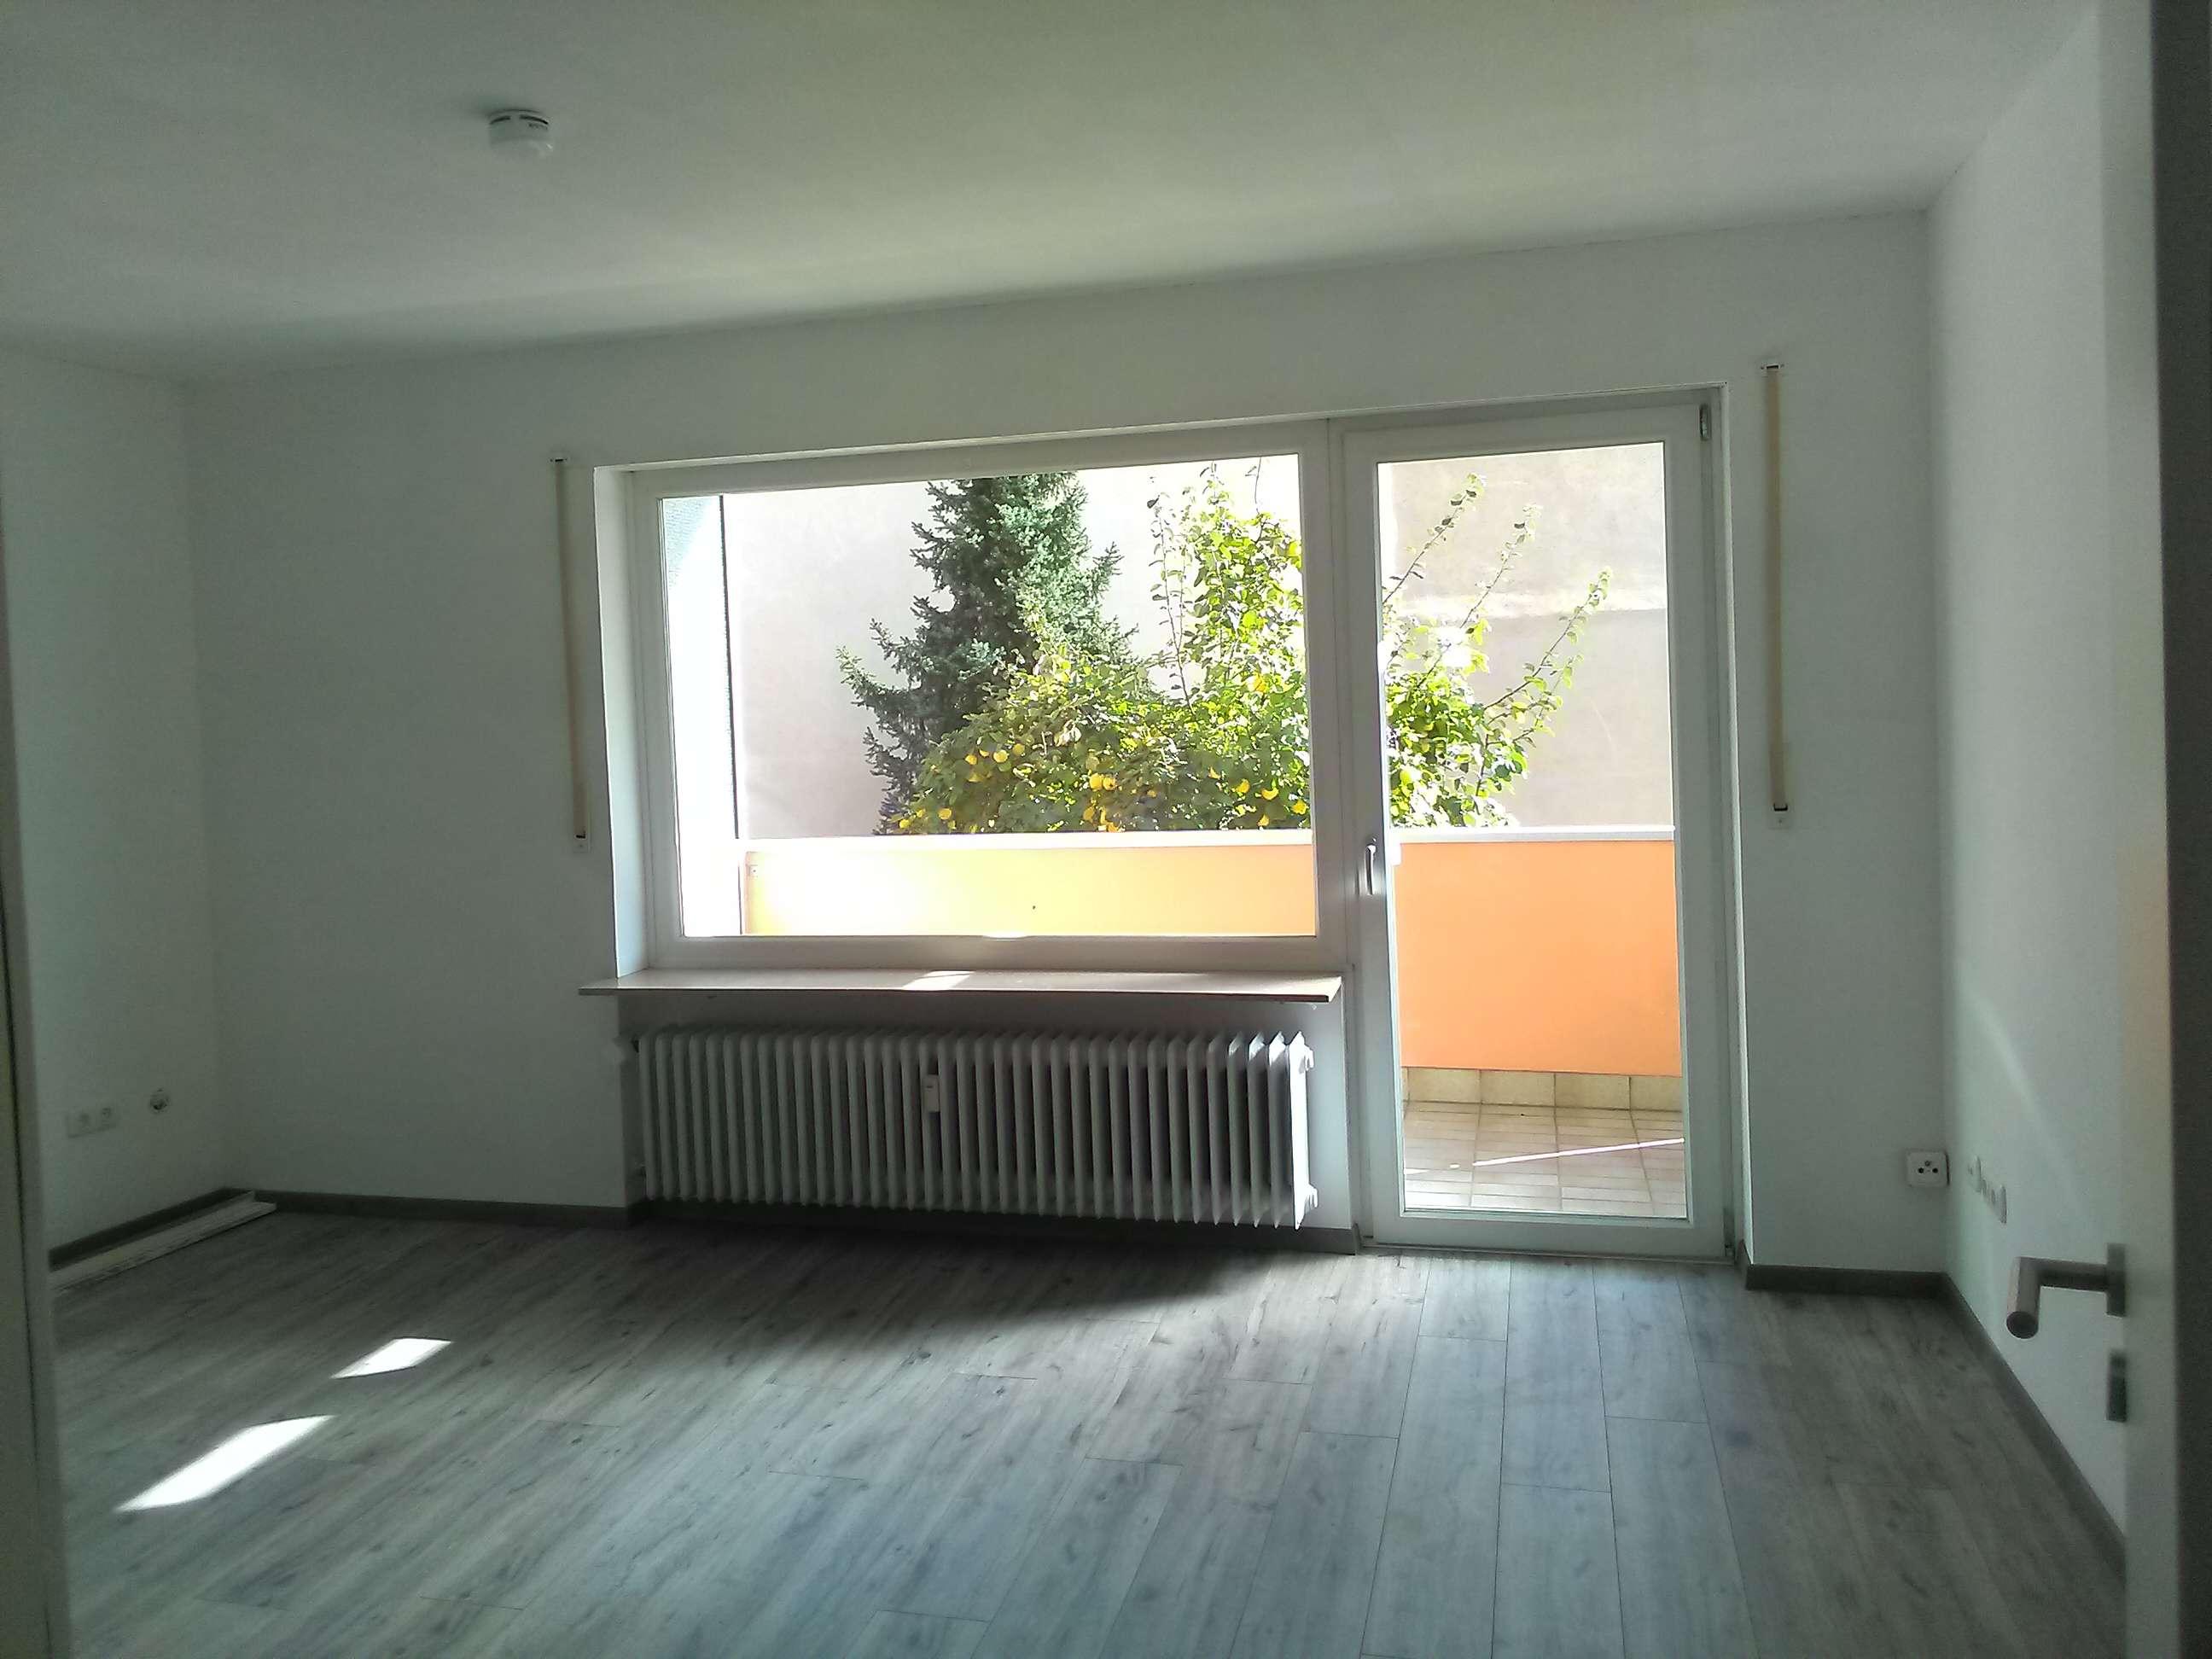 Vollständig renovierte 3-Zimmer-Wohnung mit Balkon und Stellplatz in Nürnberg in Steinbühl (Nürnberg)